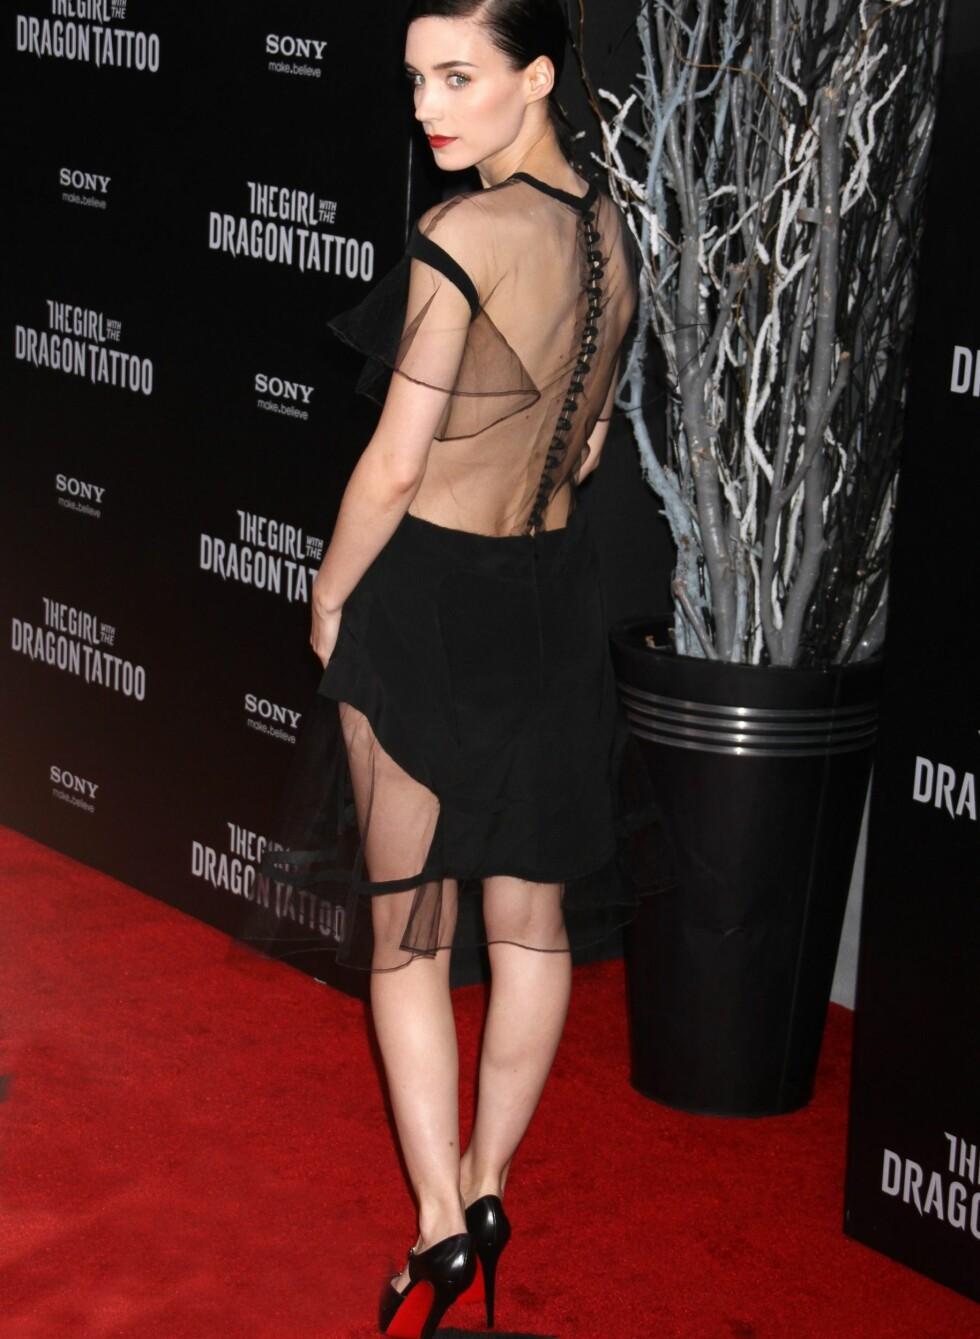 Under premieren i New York, valgte hun en kort, sort kjole med rygg, ermer og deler av skjørtet i tynn chiffon, som viser hud på en delikat måte. Håret er satt opp i en stram sideskill, leppene er røde og hun bruker svarte lakkpumps.  Foto: All Over Press